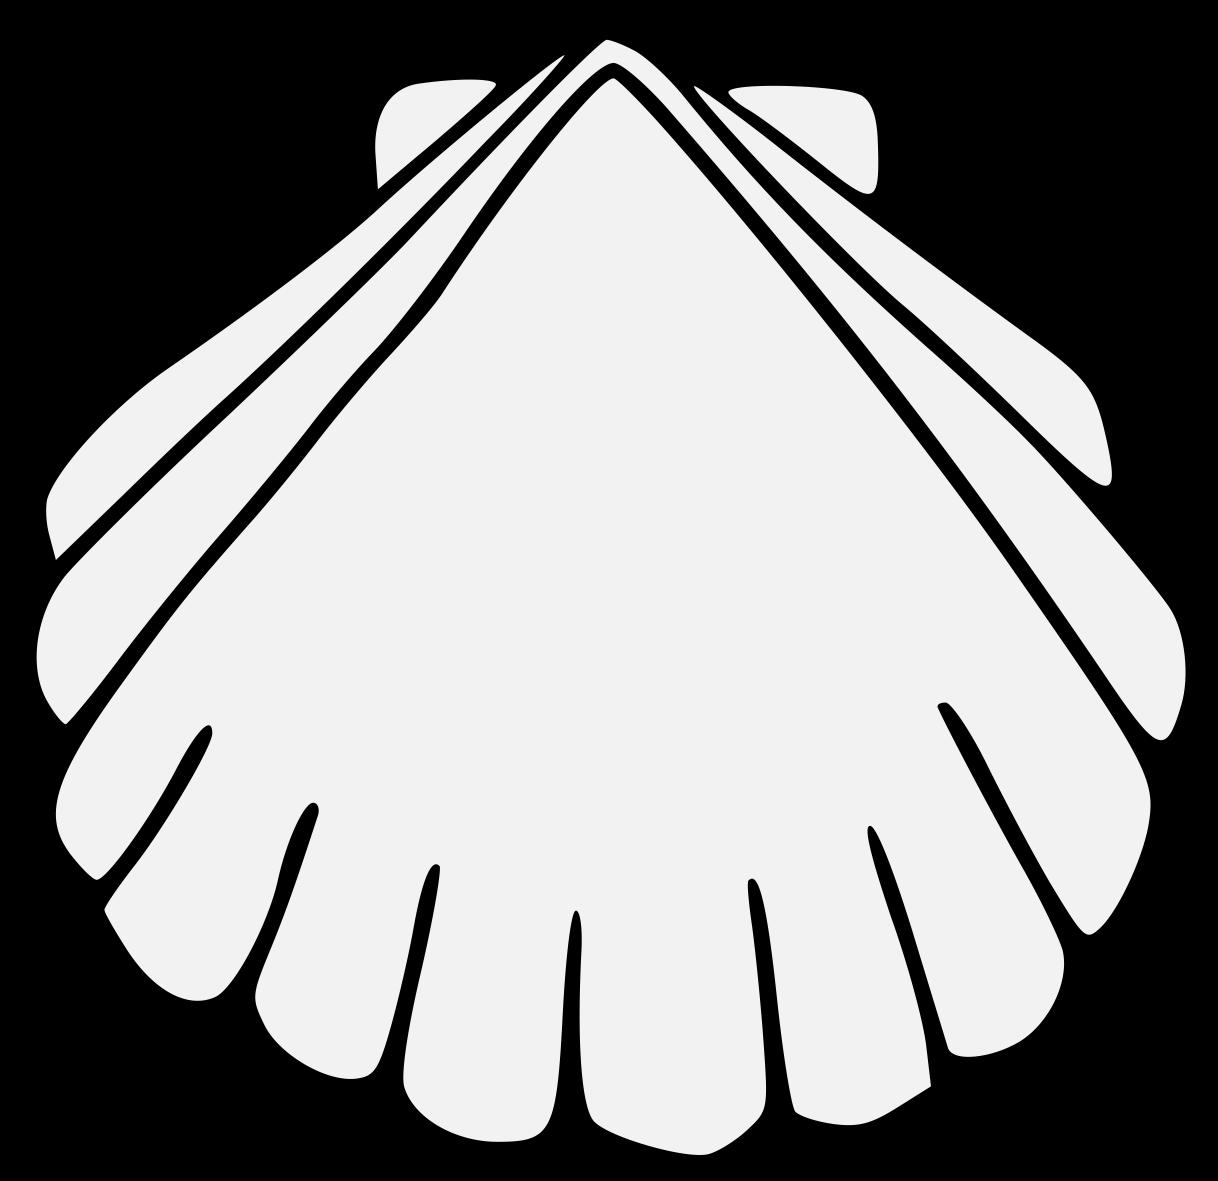 Shell clipart escallop. Traceable heraldic art pdf